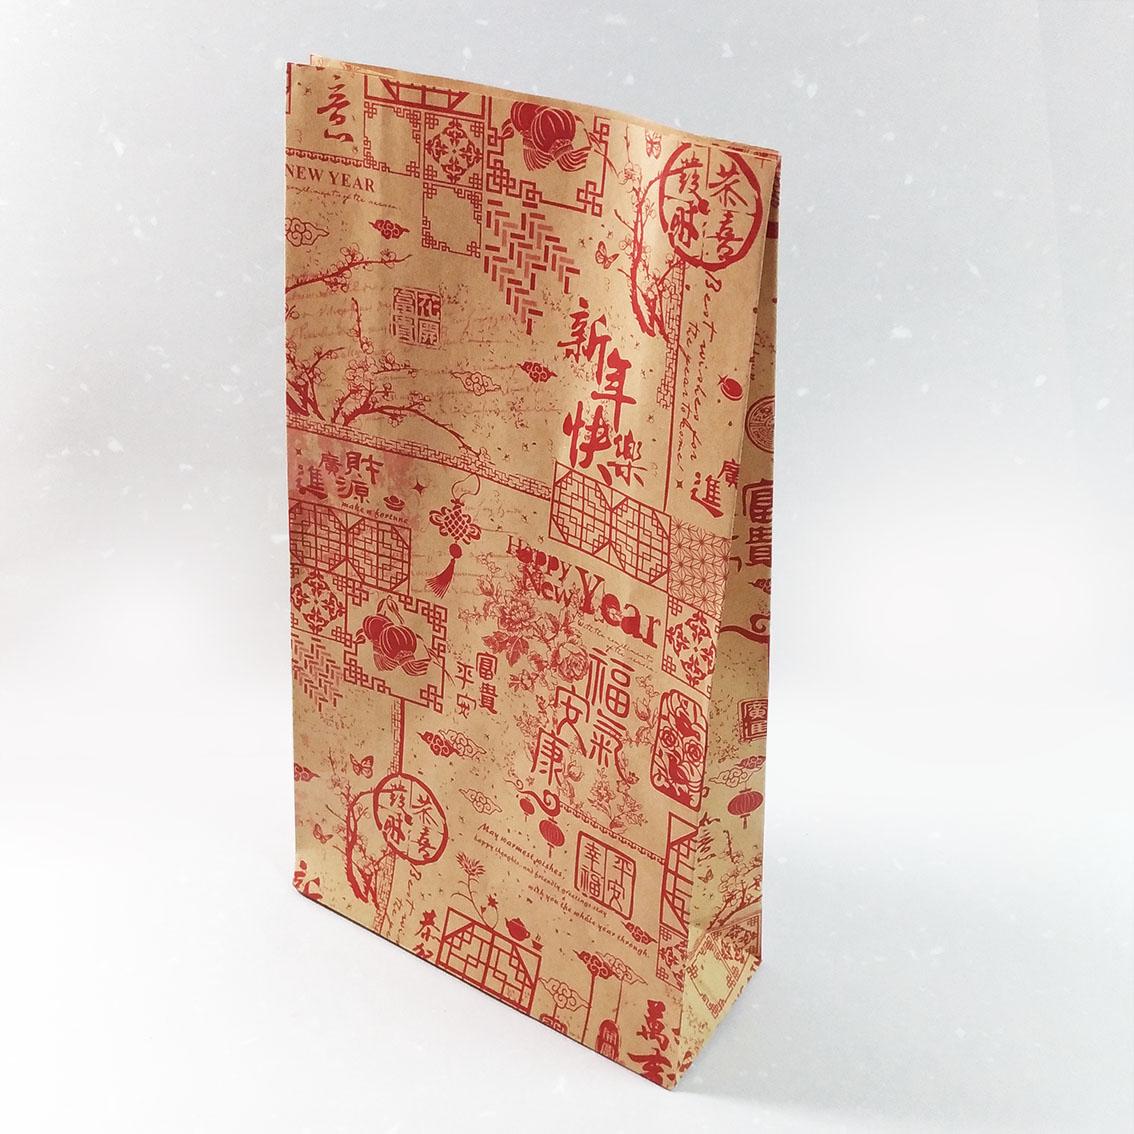 《袋袋相傳》E22 春節立體平口紙袋-吉祥話.jpg